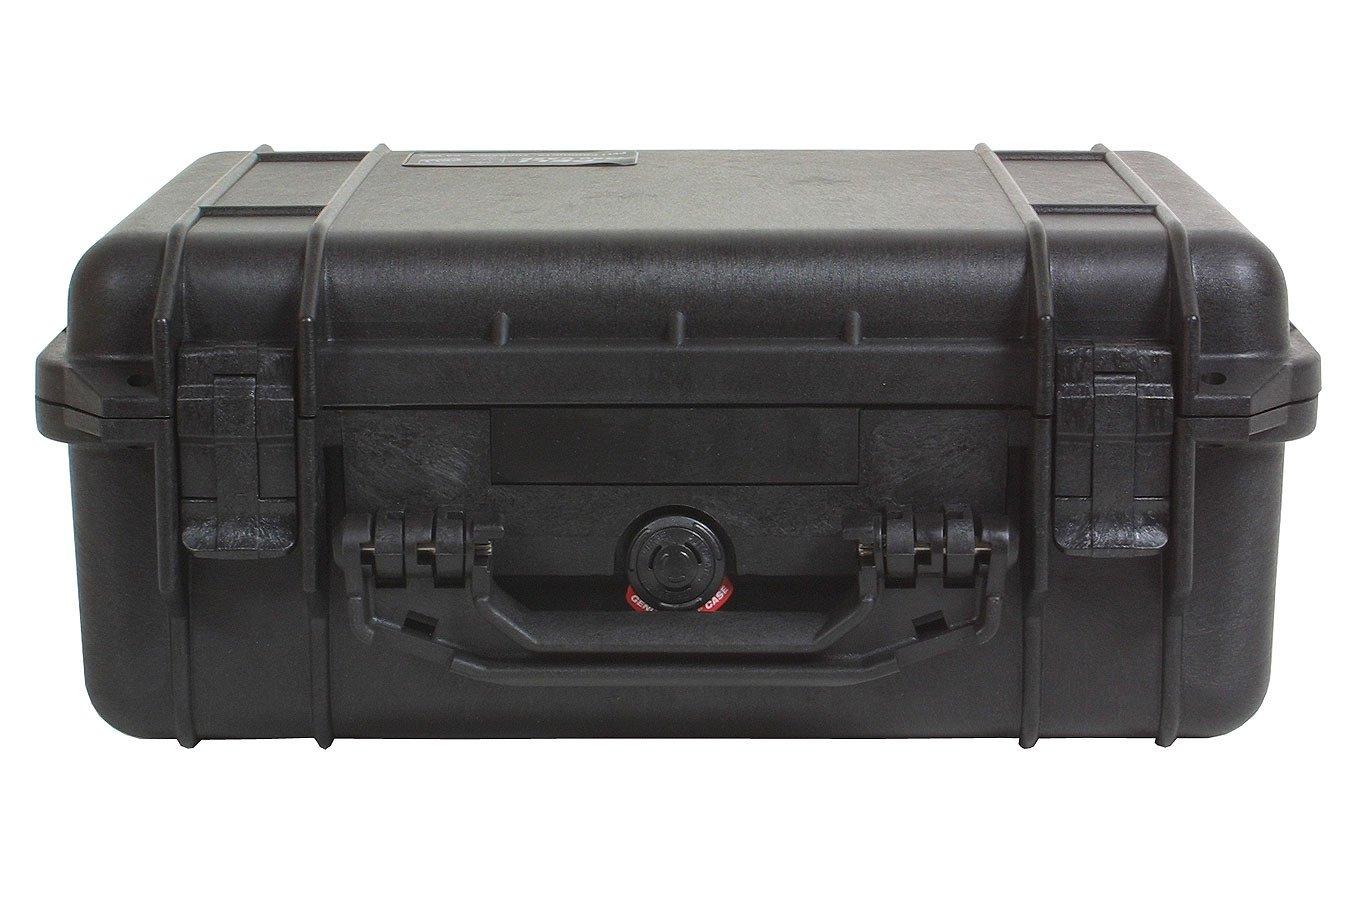 Peli 1450 mit Schaumeinsatz Farbe schwarz 2018 Box